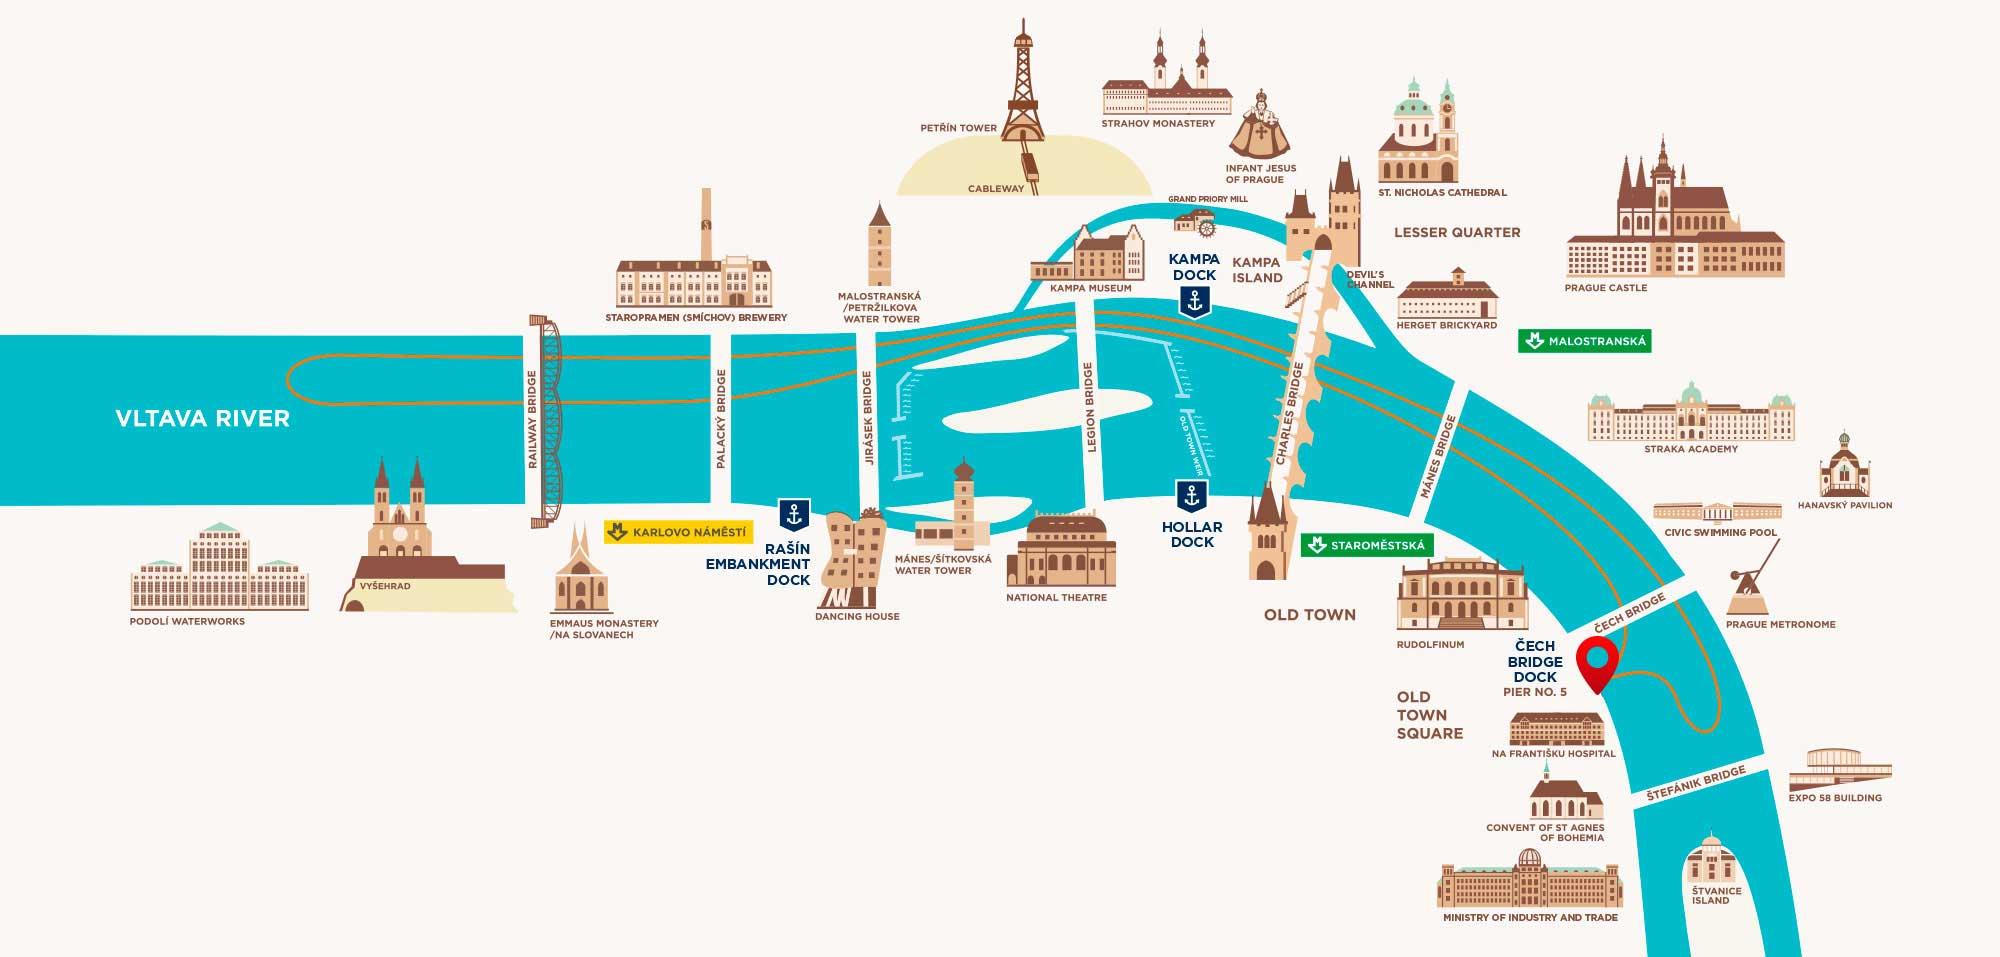 Схема движения прогулочных корабликов по Влтаве